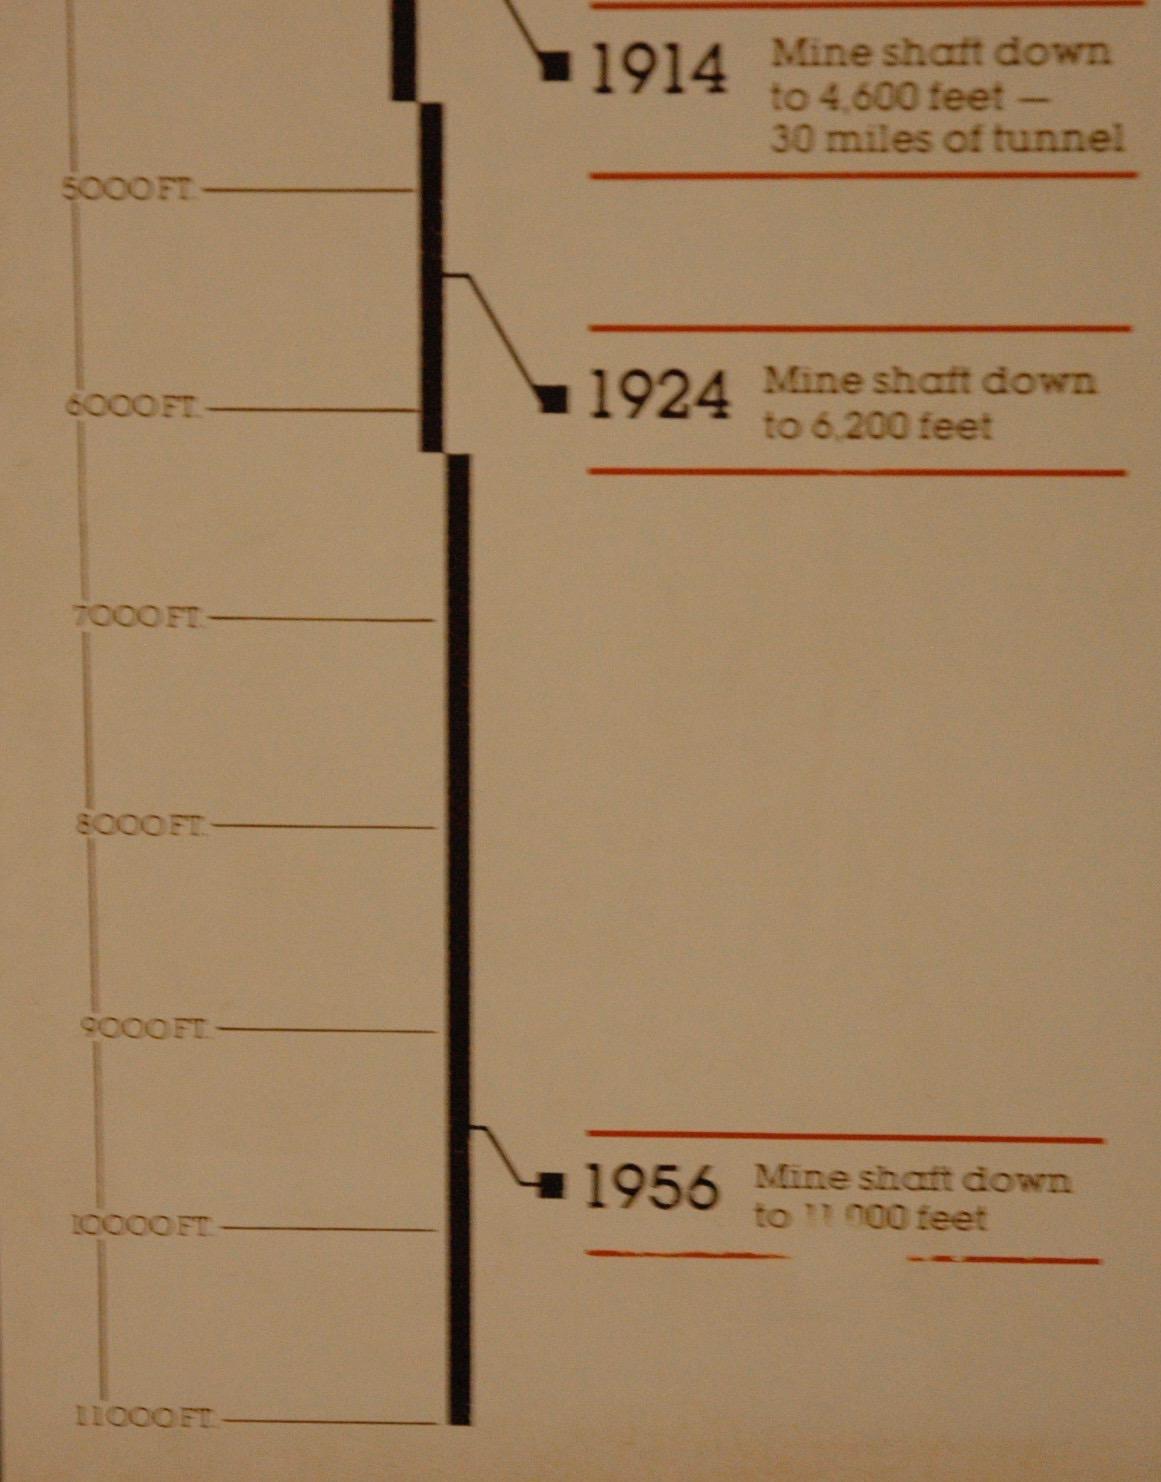 到達深度の図2 1956年までに最深部に到達